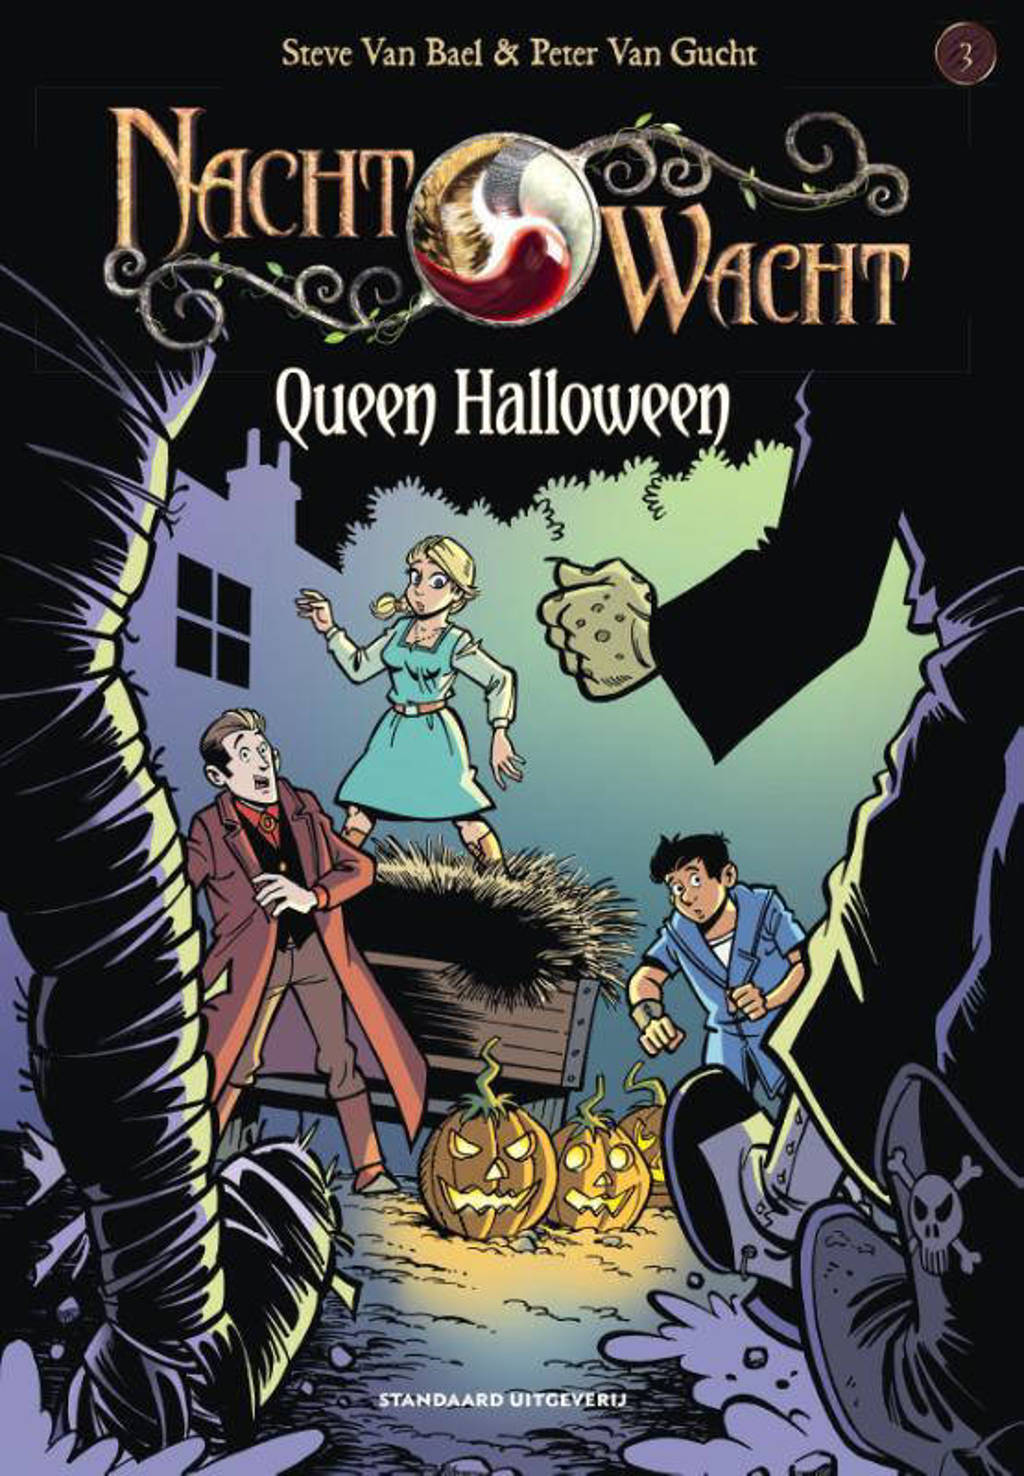 Nachtwacht: Queen Halloween - Steve Van Bael en Peter Van Gucht